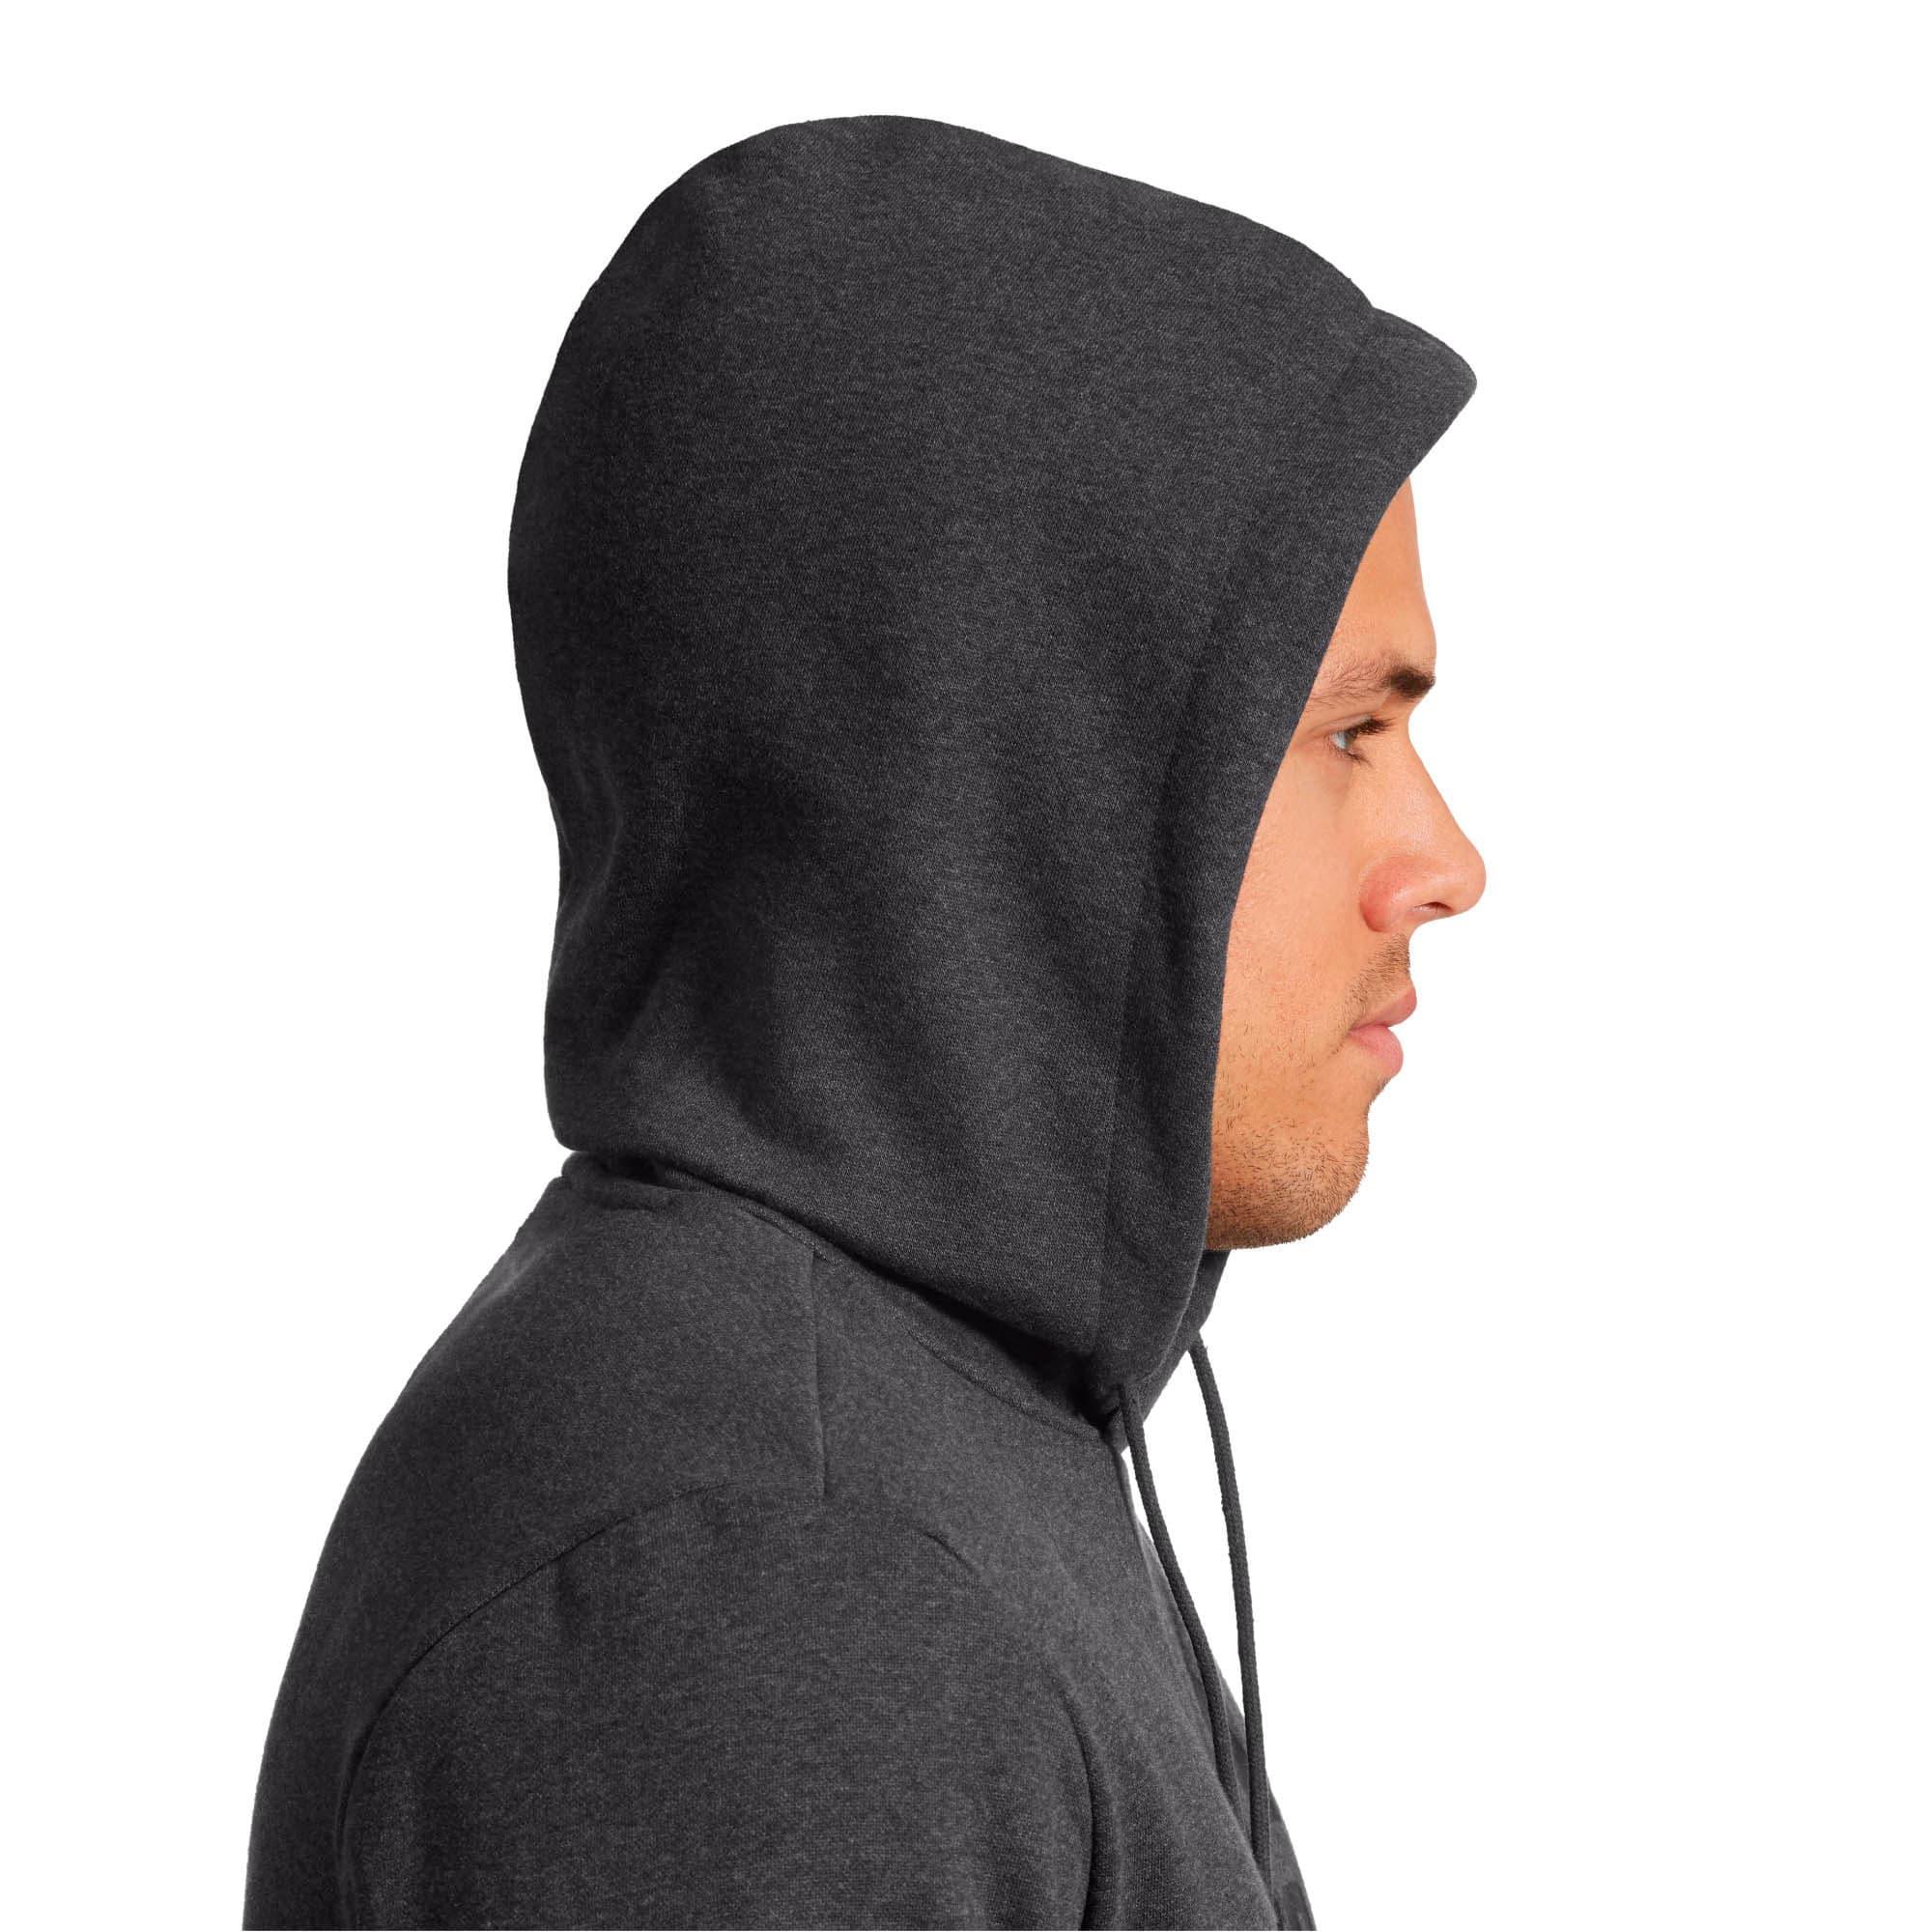 Thumbnail 3 of Essentials Men's Fleece Hoodie, Dark Gray Heather, medium